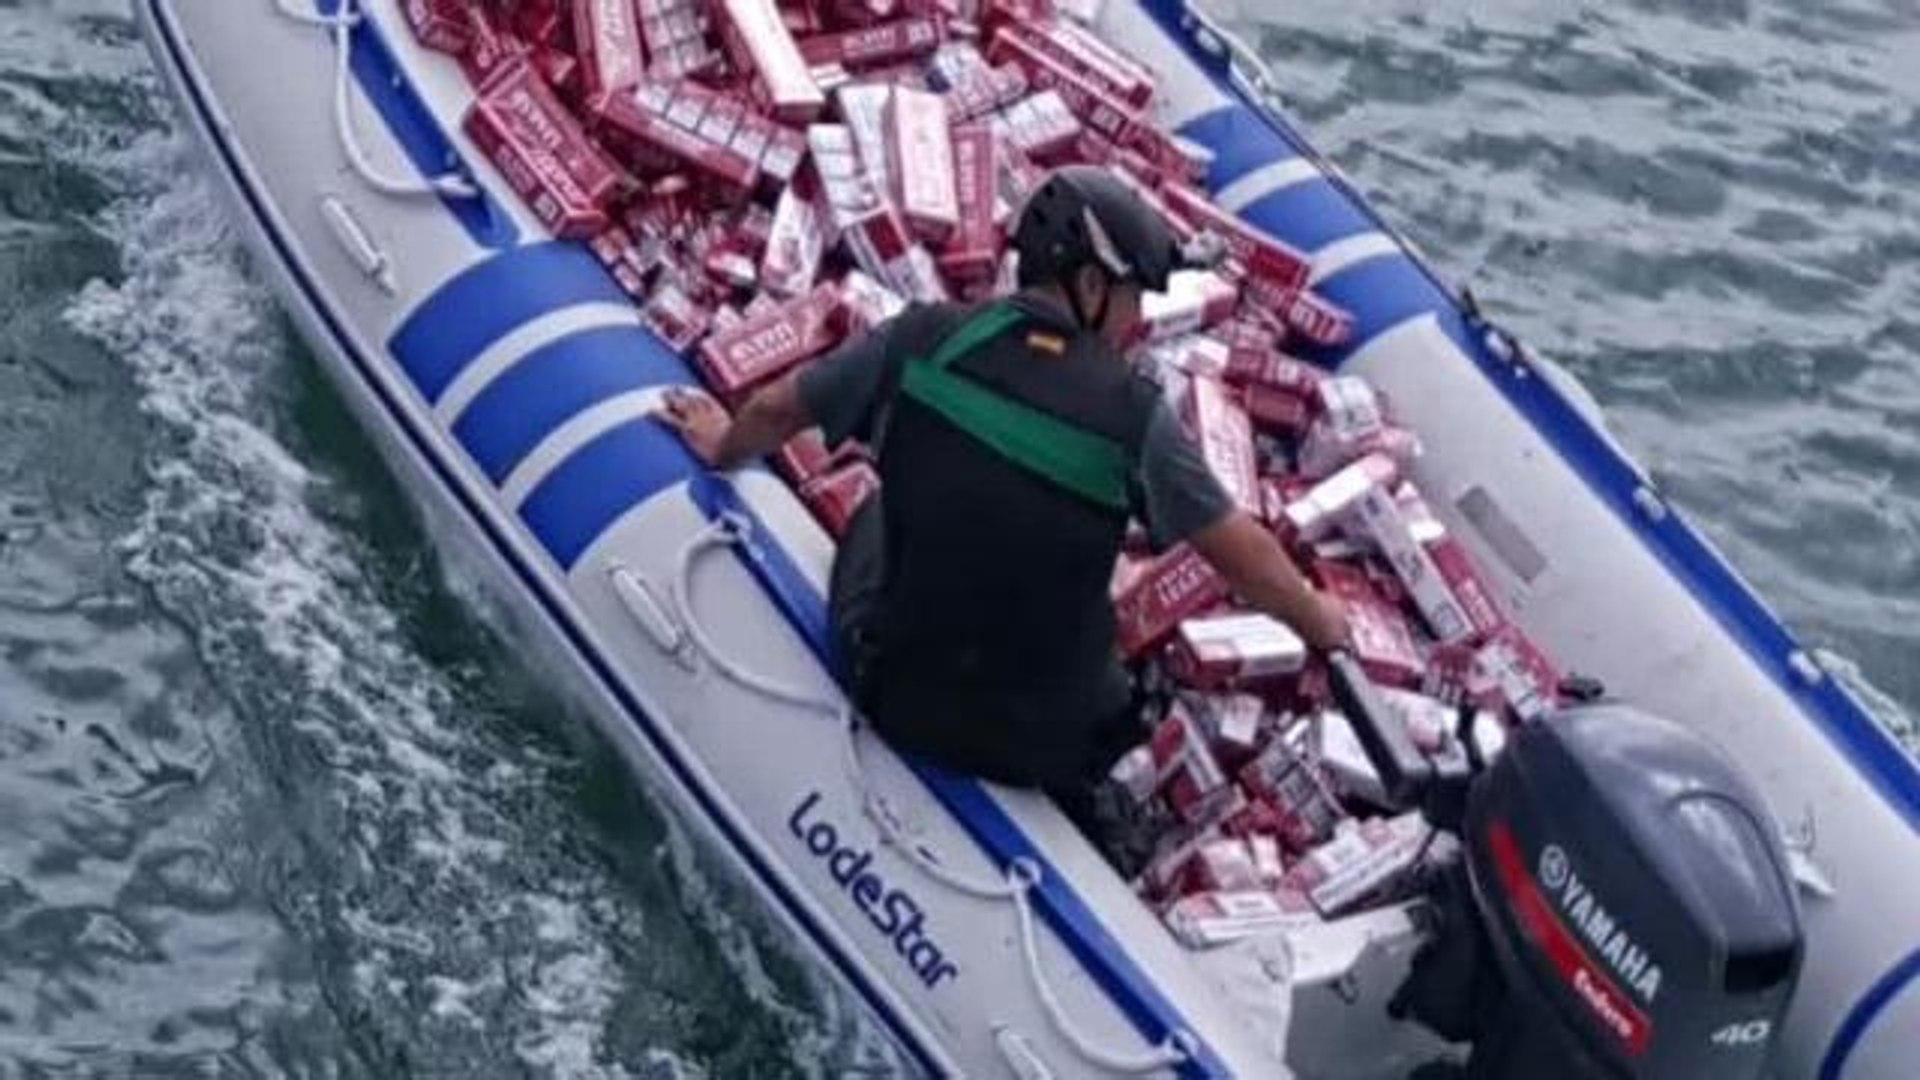 Centenares de cartones de tabaco arrojados al río Guadiaro por una banda de contrabandistas detenida